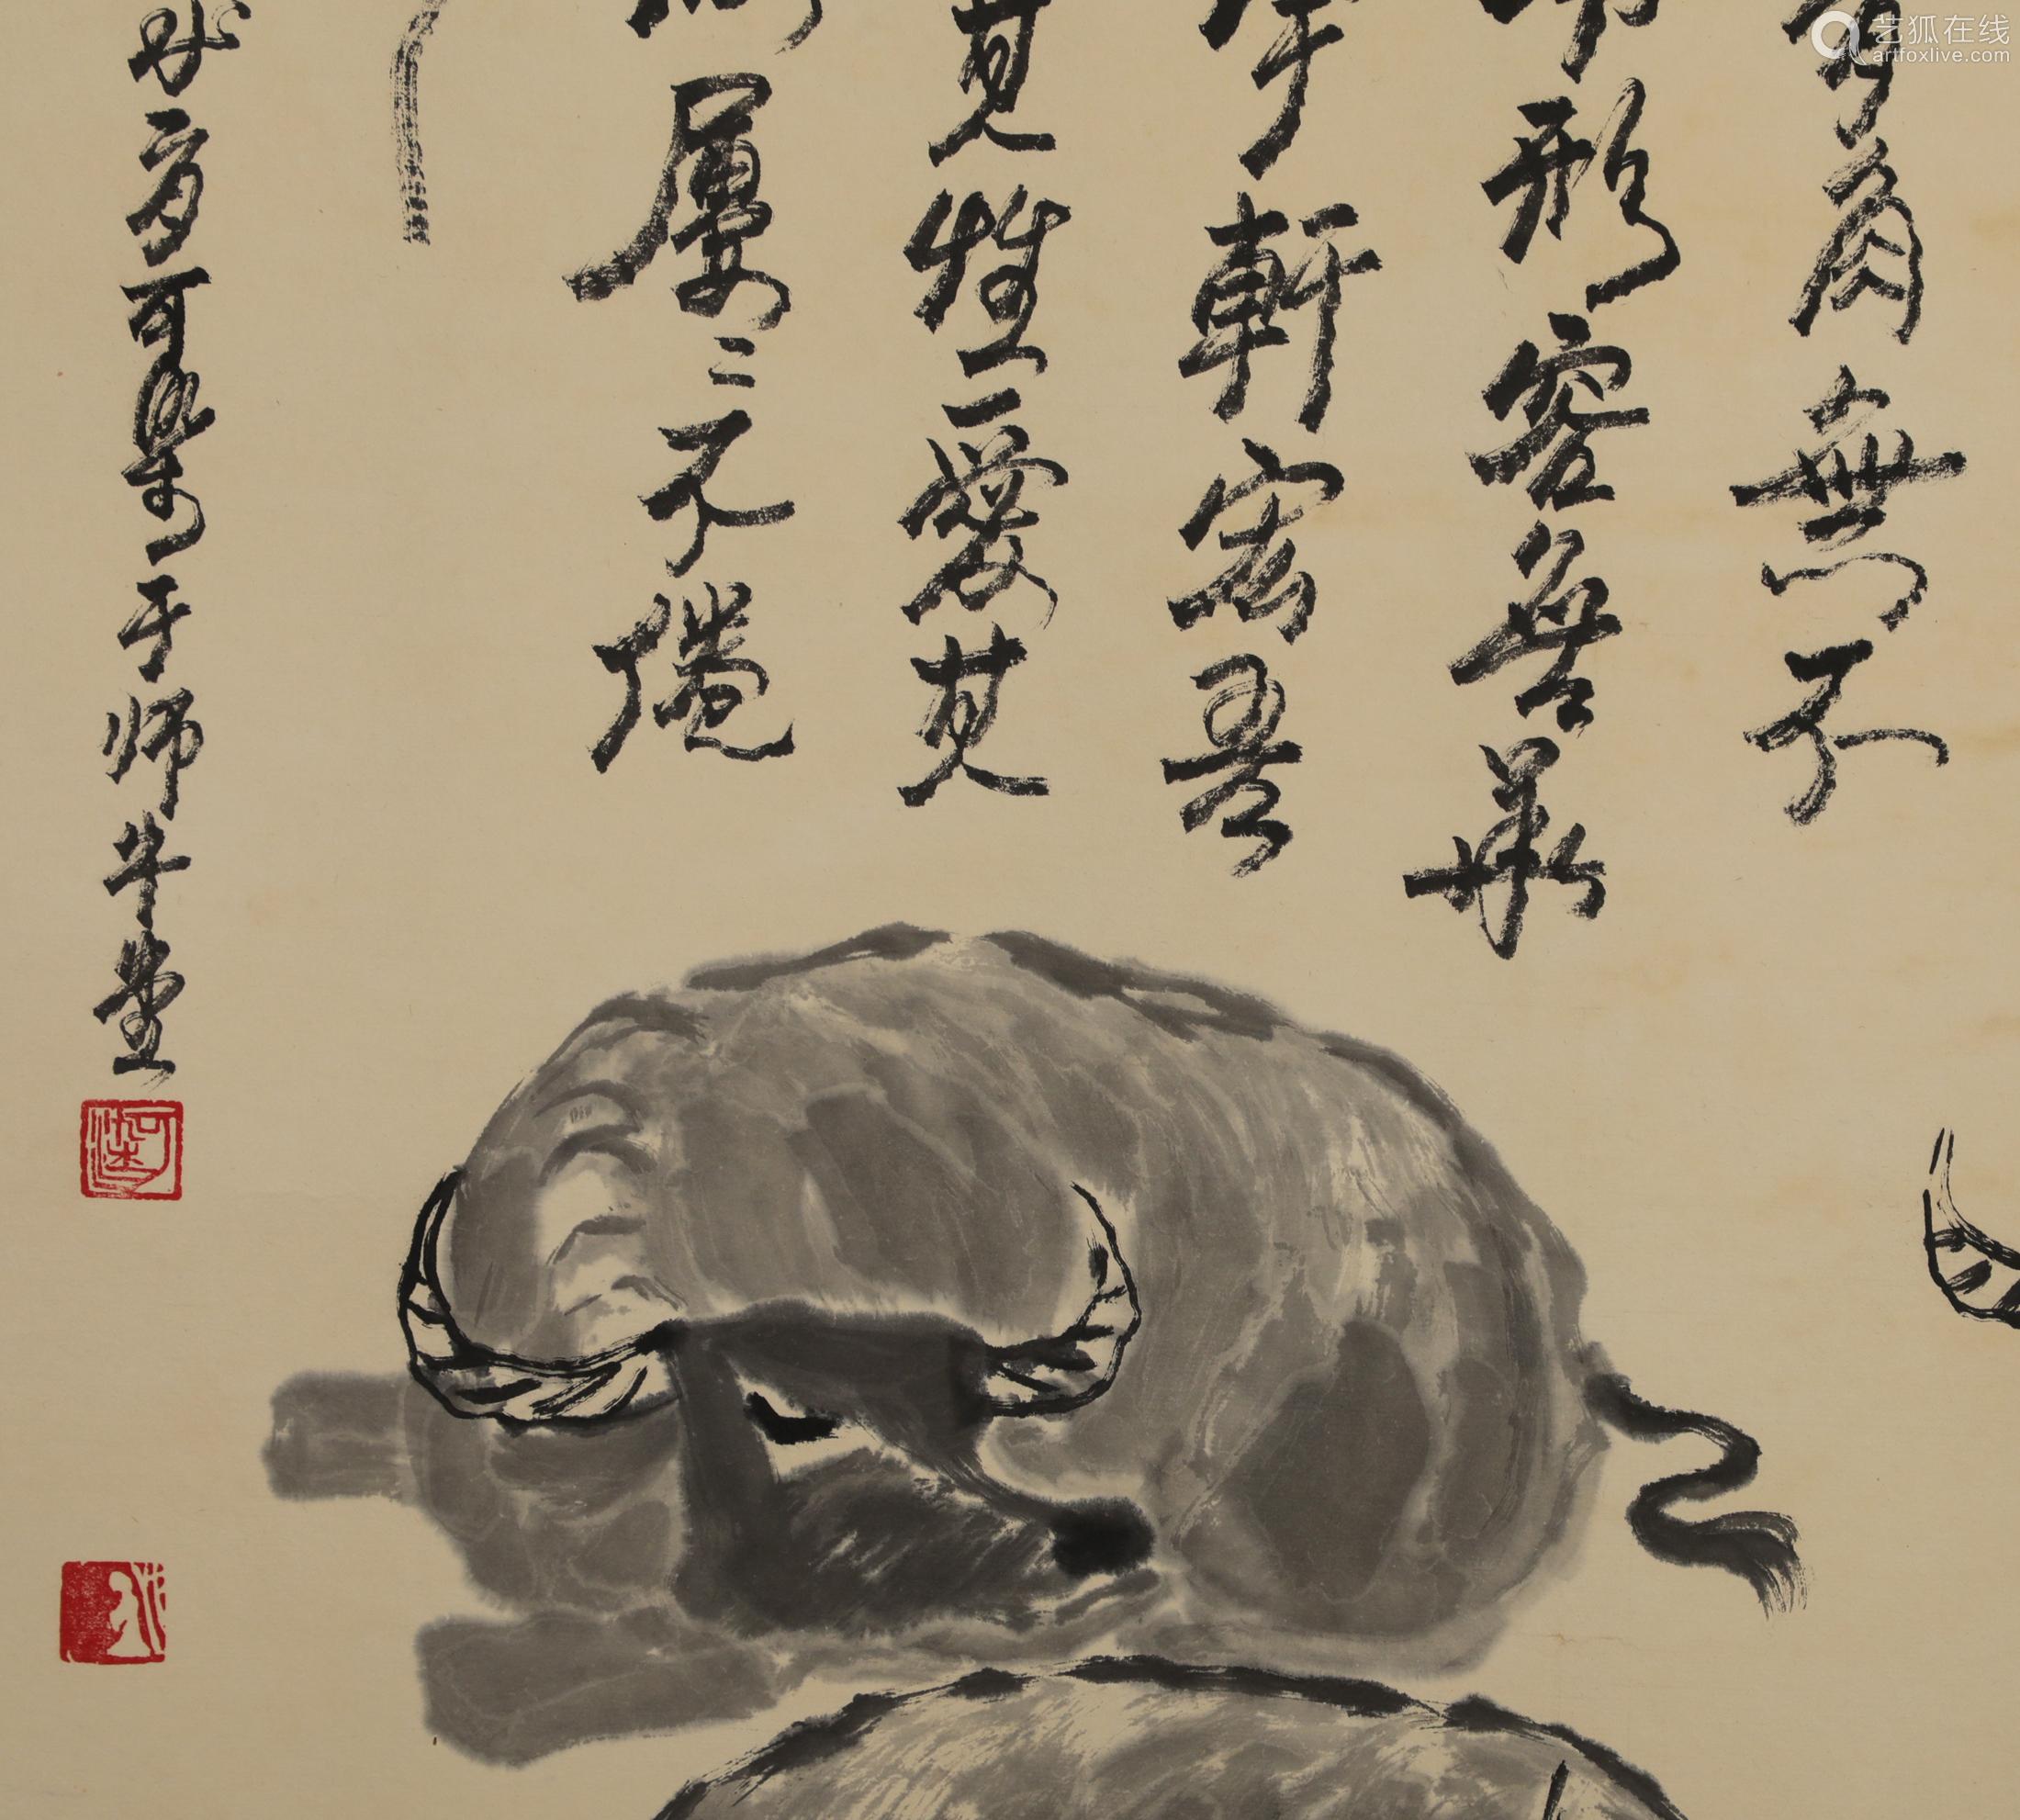 Li Keran - Ox Painting